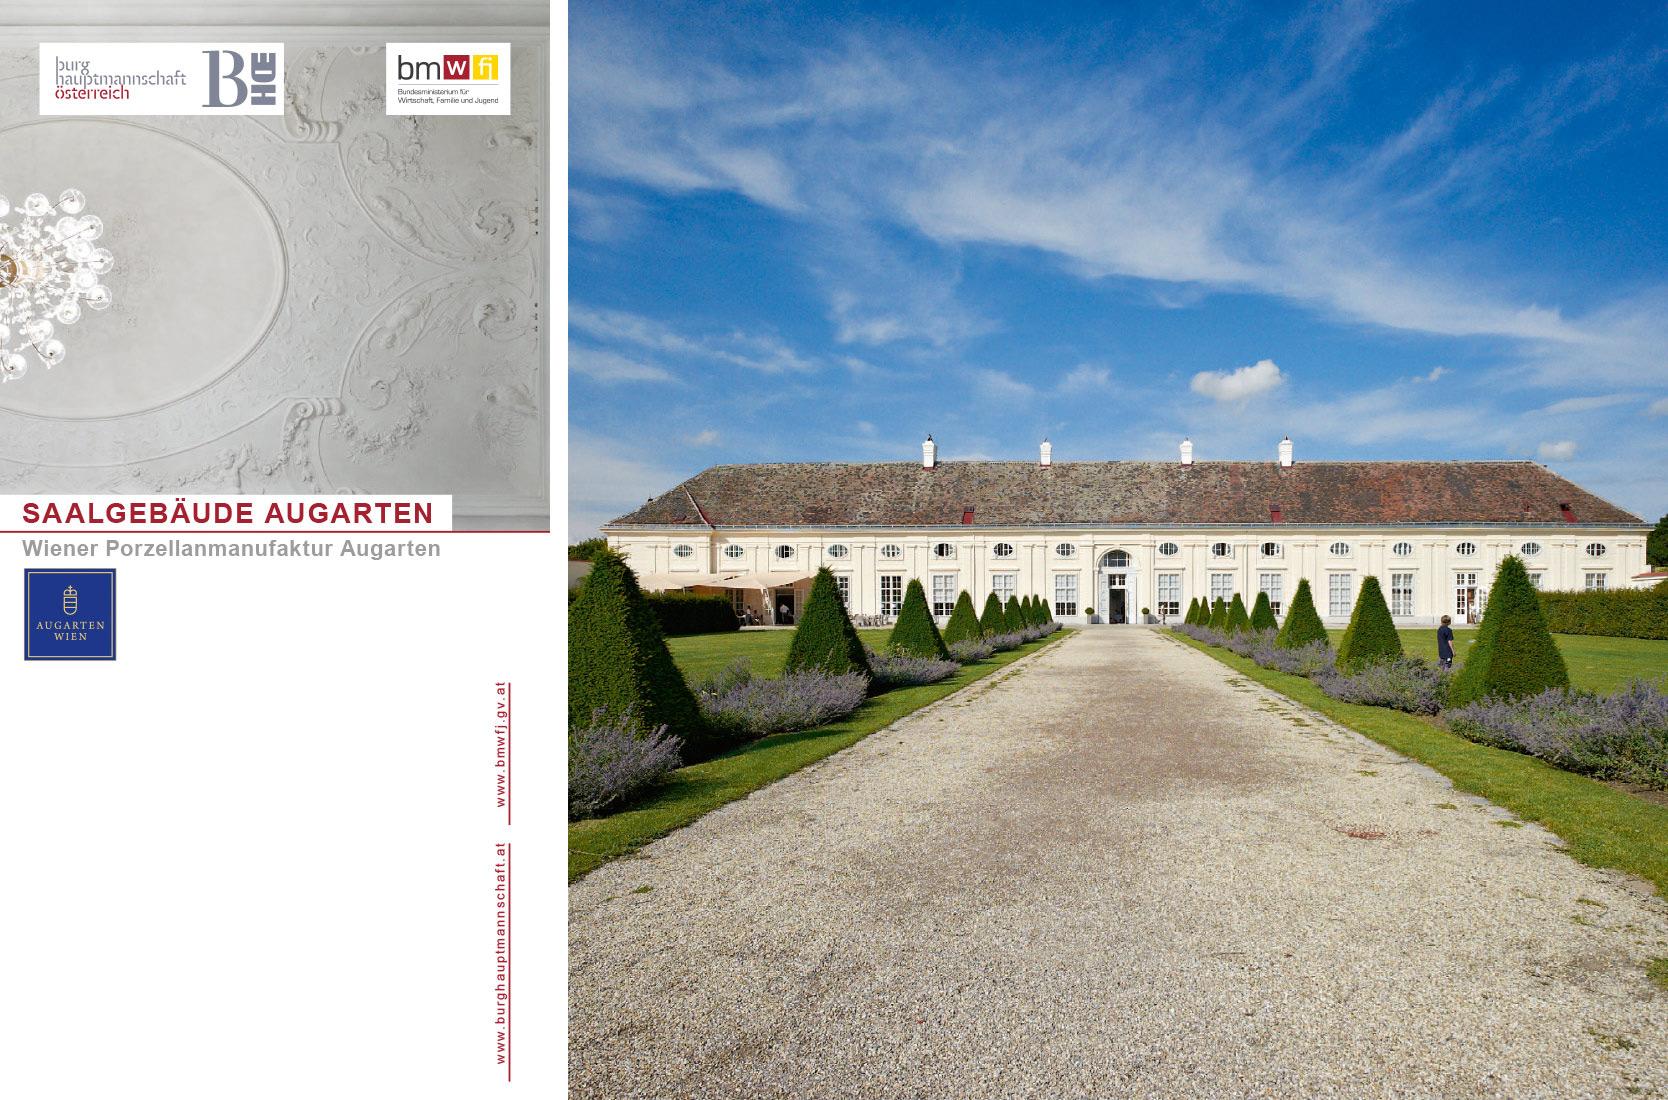 Burghauptmannschaft Österreich Folder: Saalgebäude Augarten